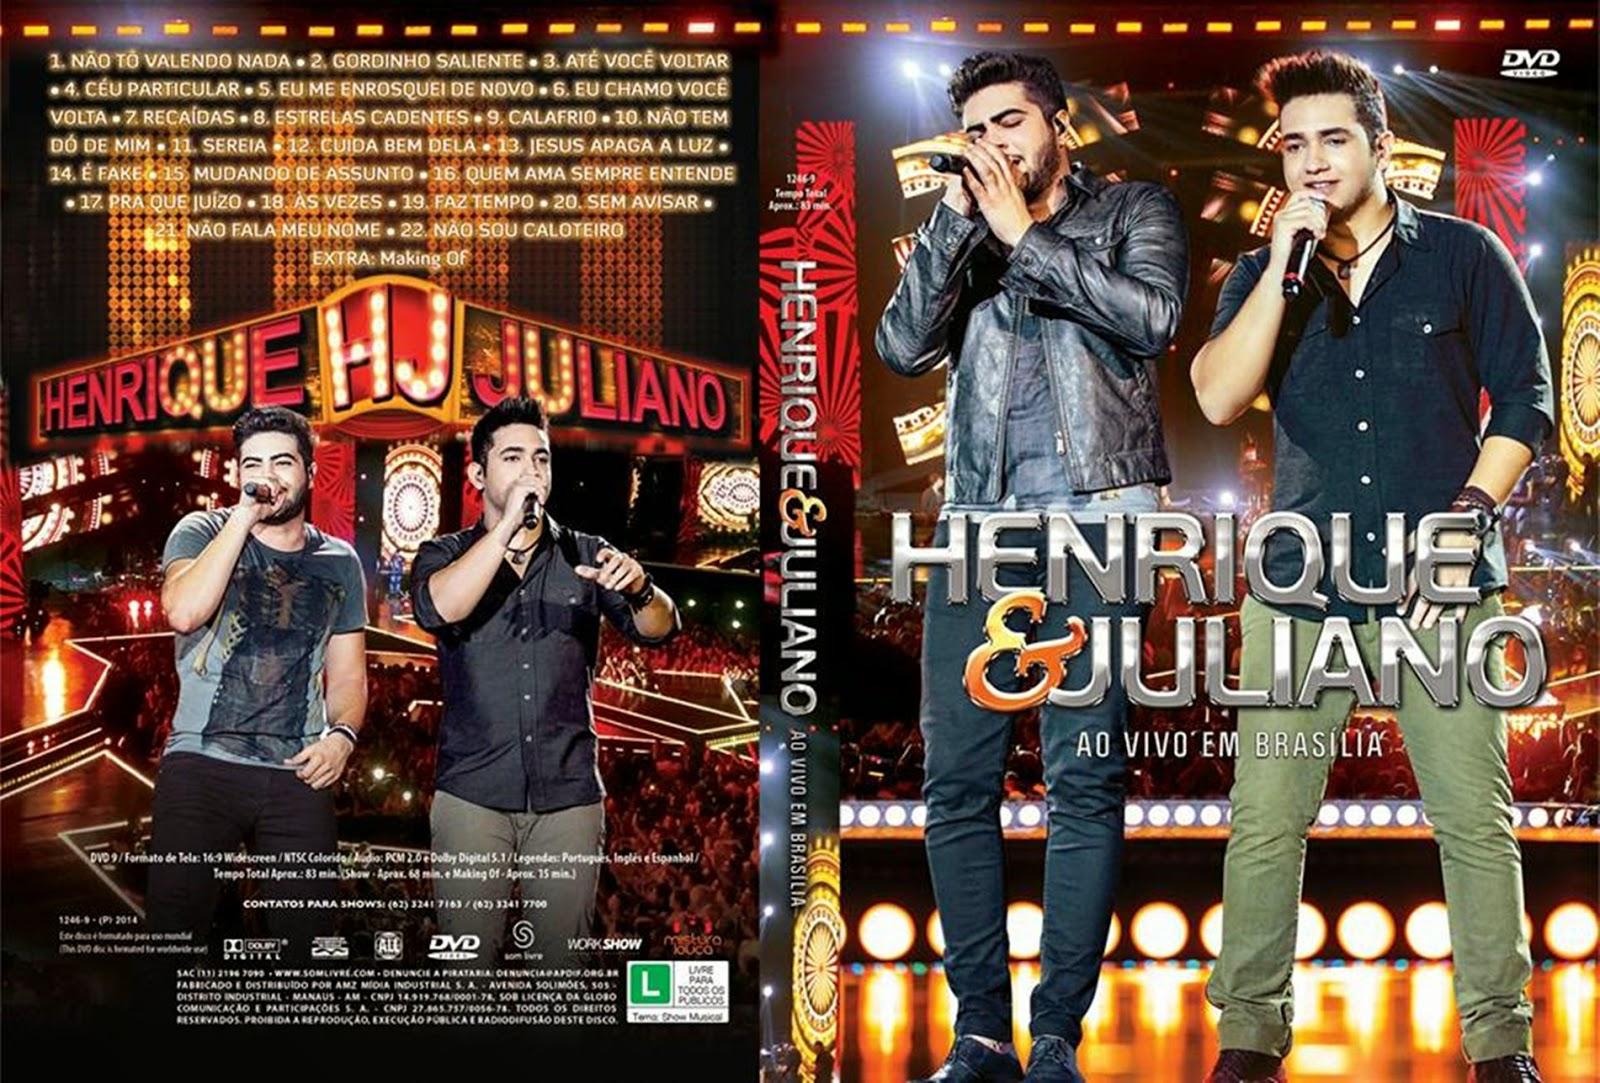 cd henrique e juliano ao vivo em brasilia